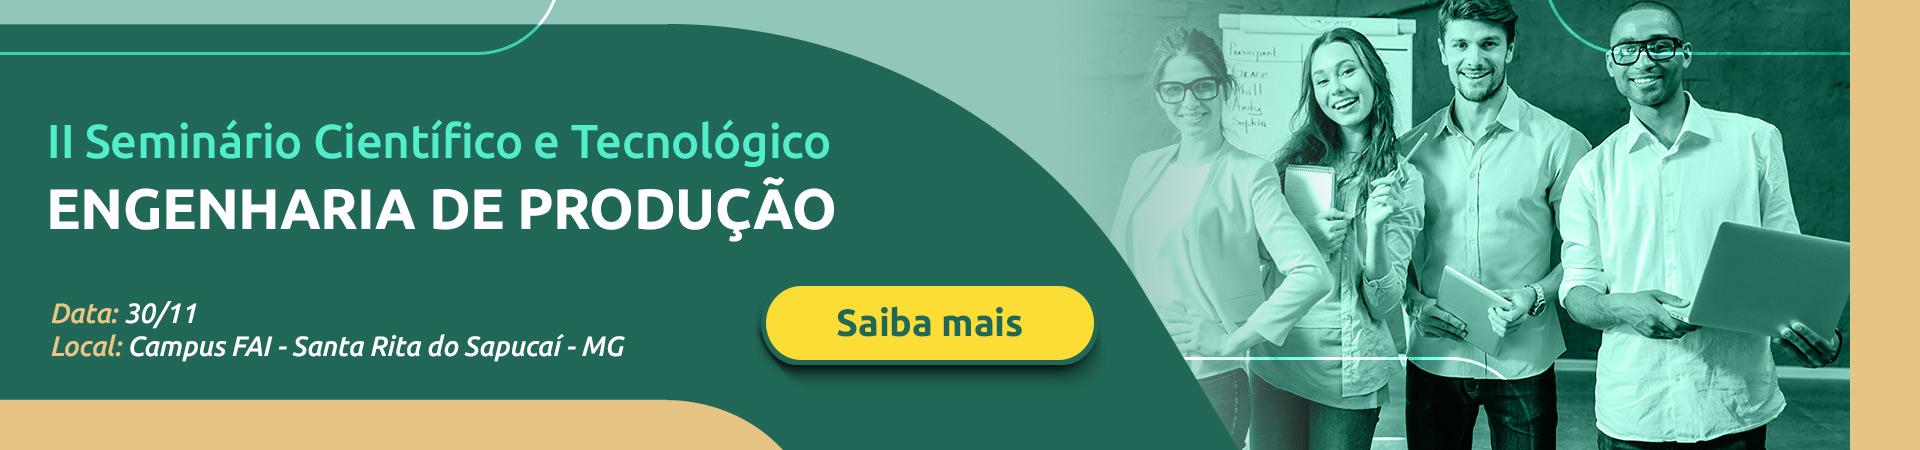 FAI_Banner_Portal_Seminrio_Engenharia_Produo_1920x450px